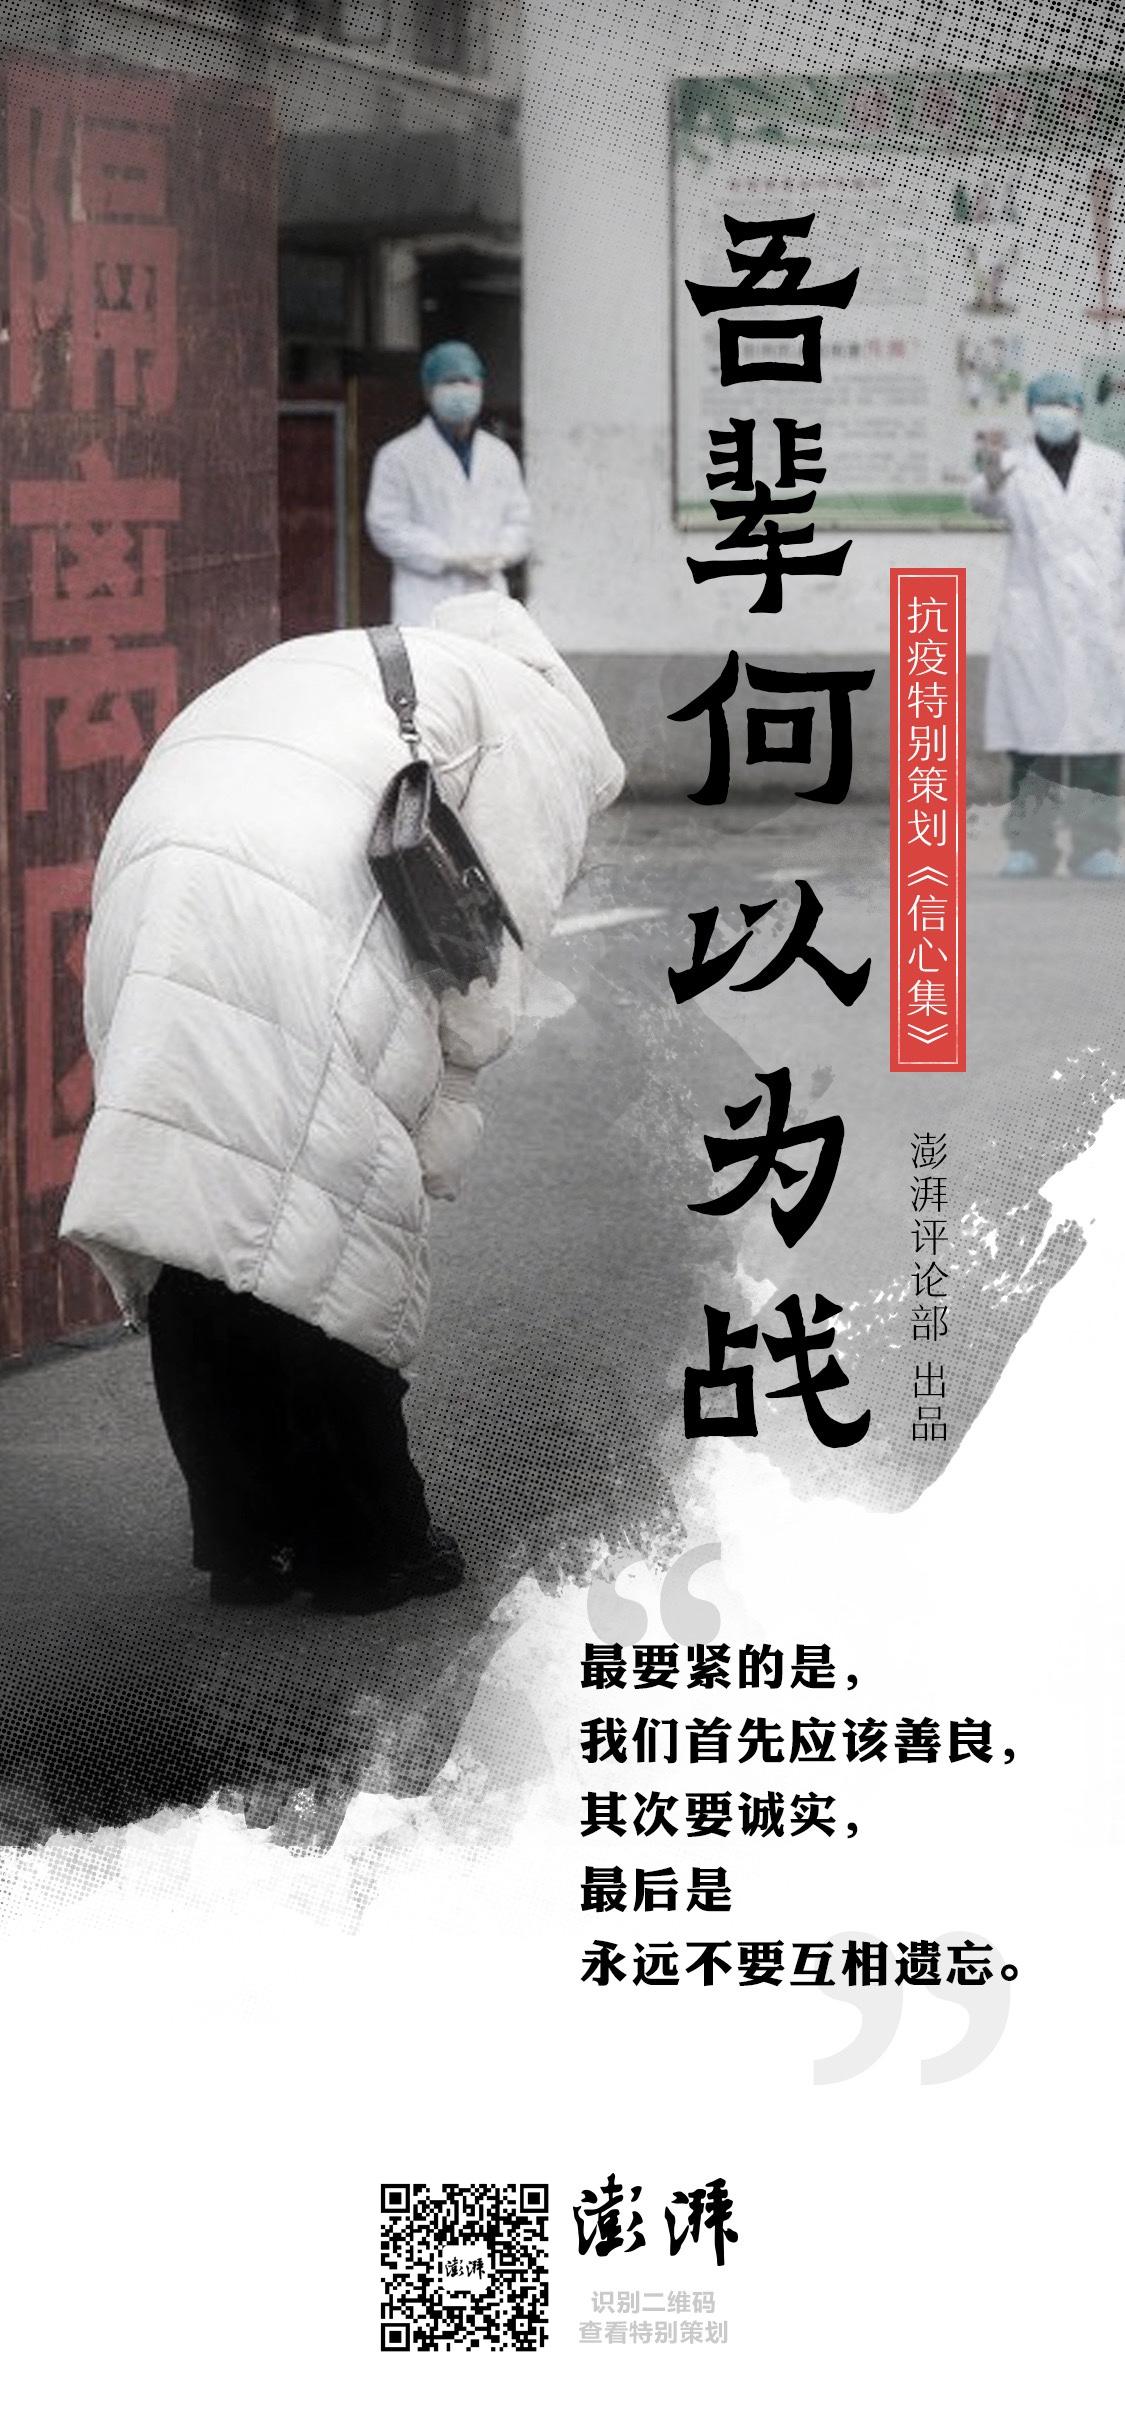 特朗普祝贺金正恩生日朝媒:别妄想朝方感激涕零